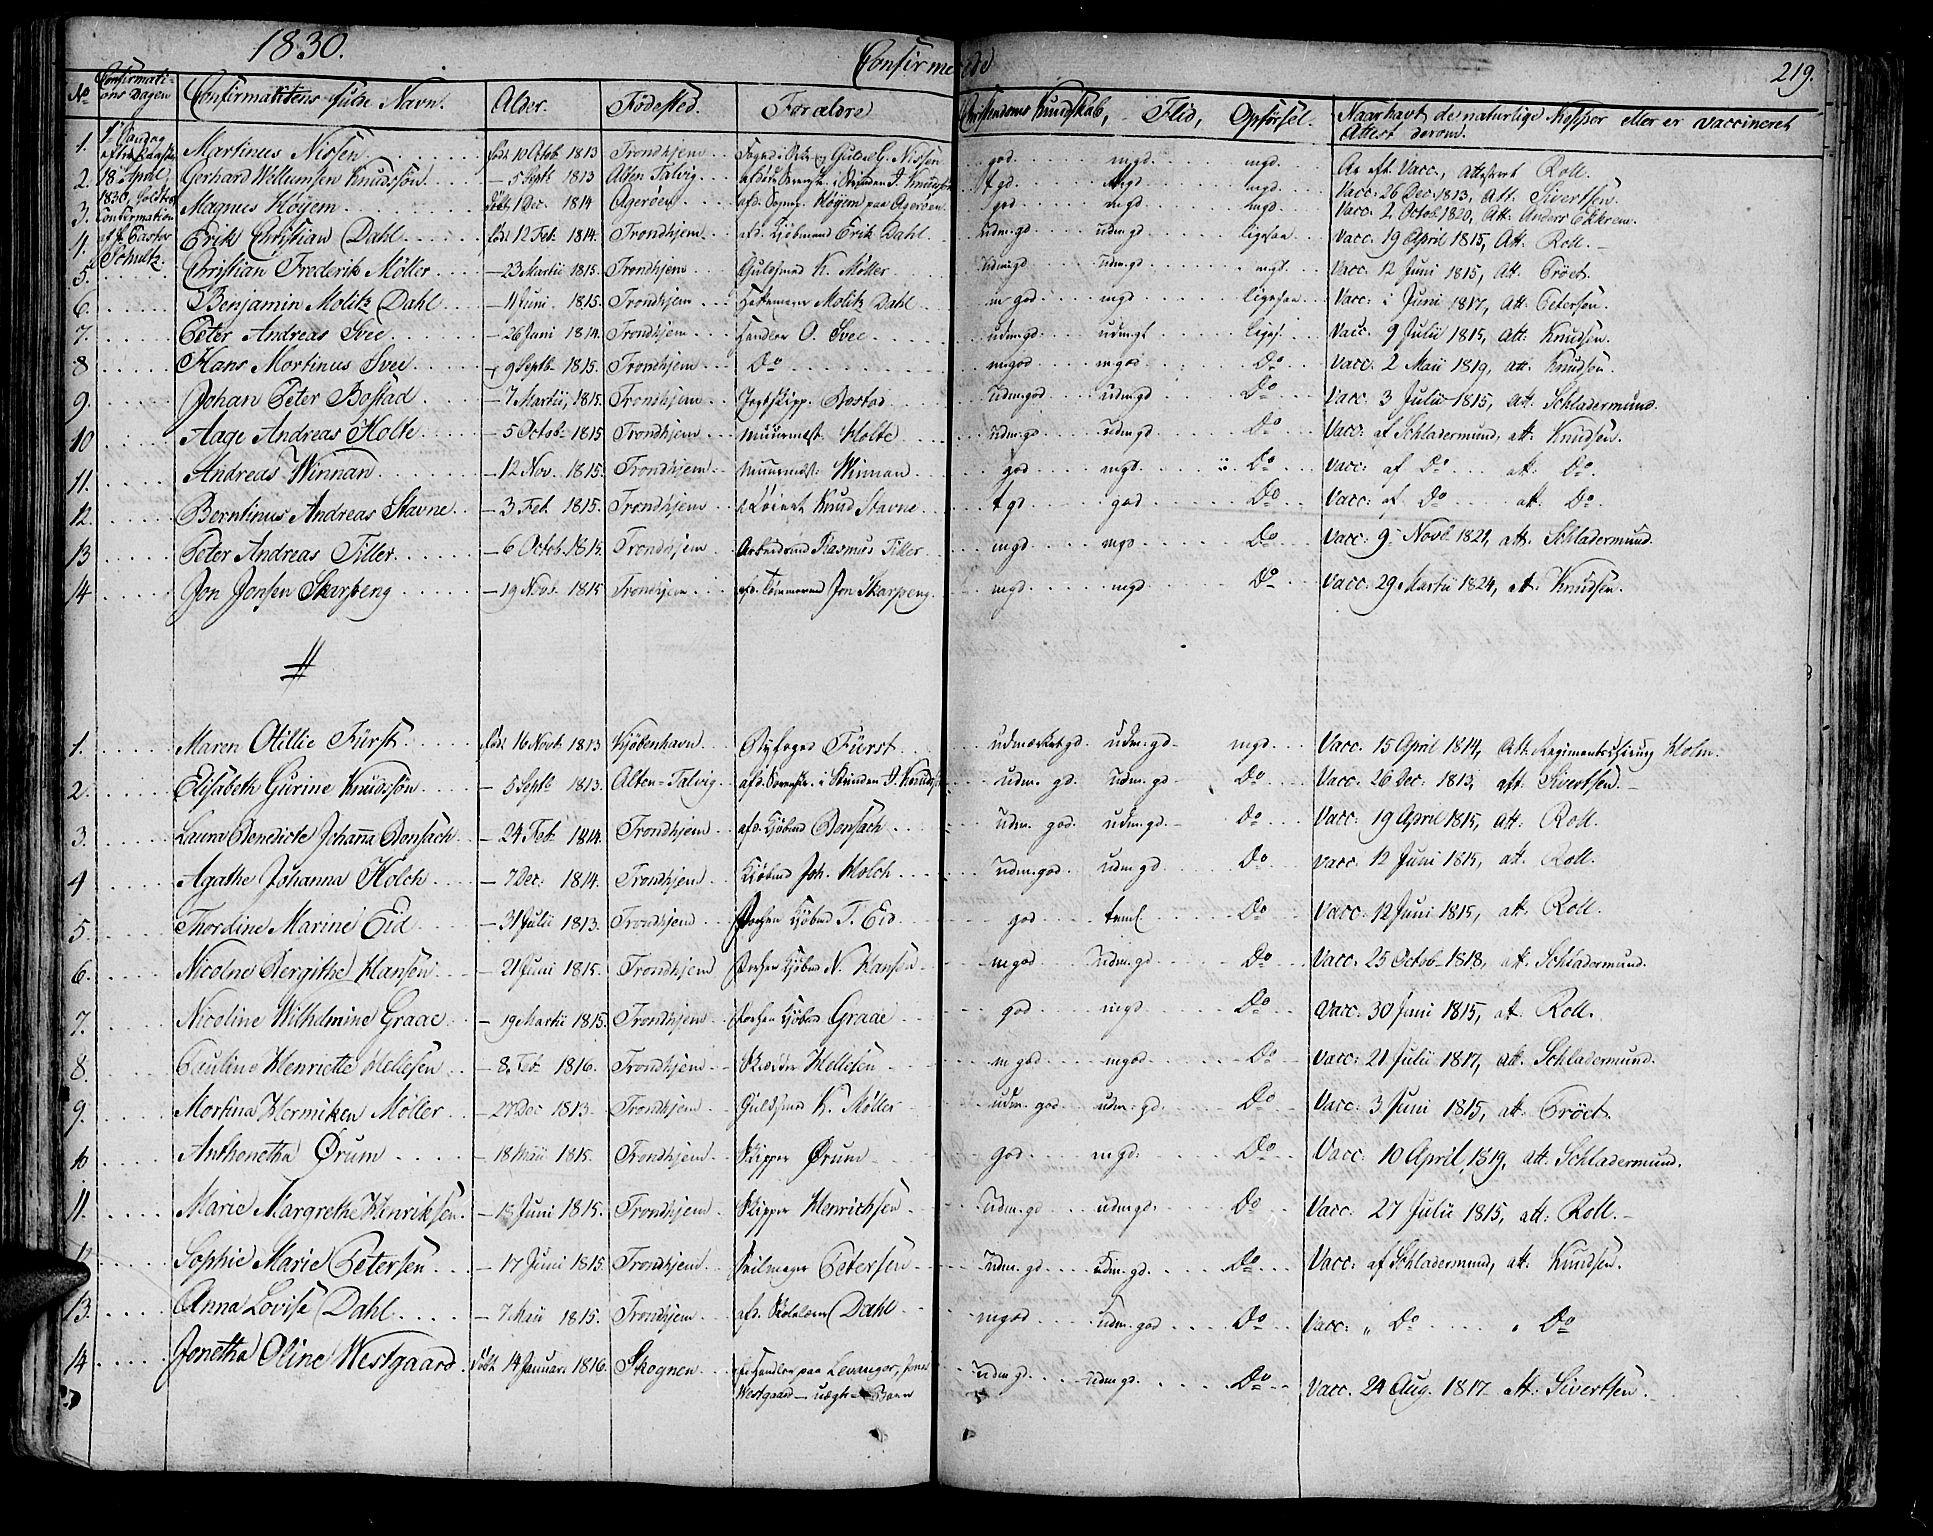 SAT, Ministerialprotokoller, klokkerbøker og fødselsregistre - Sør-Trøndelag, 602/L0108: Ministerialbok nr. 602A06, 1821-1839, s. 219